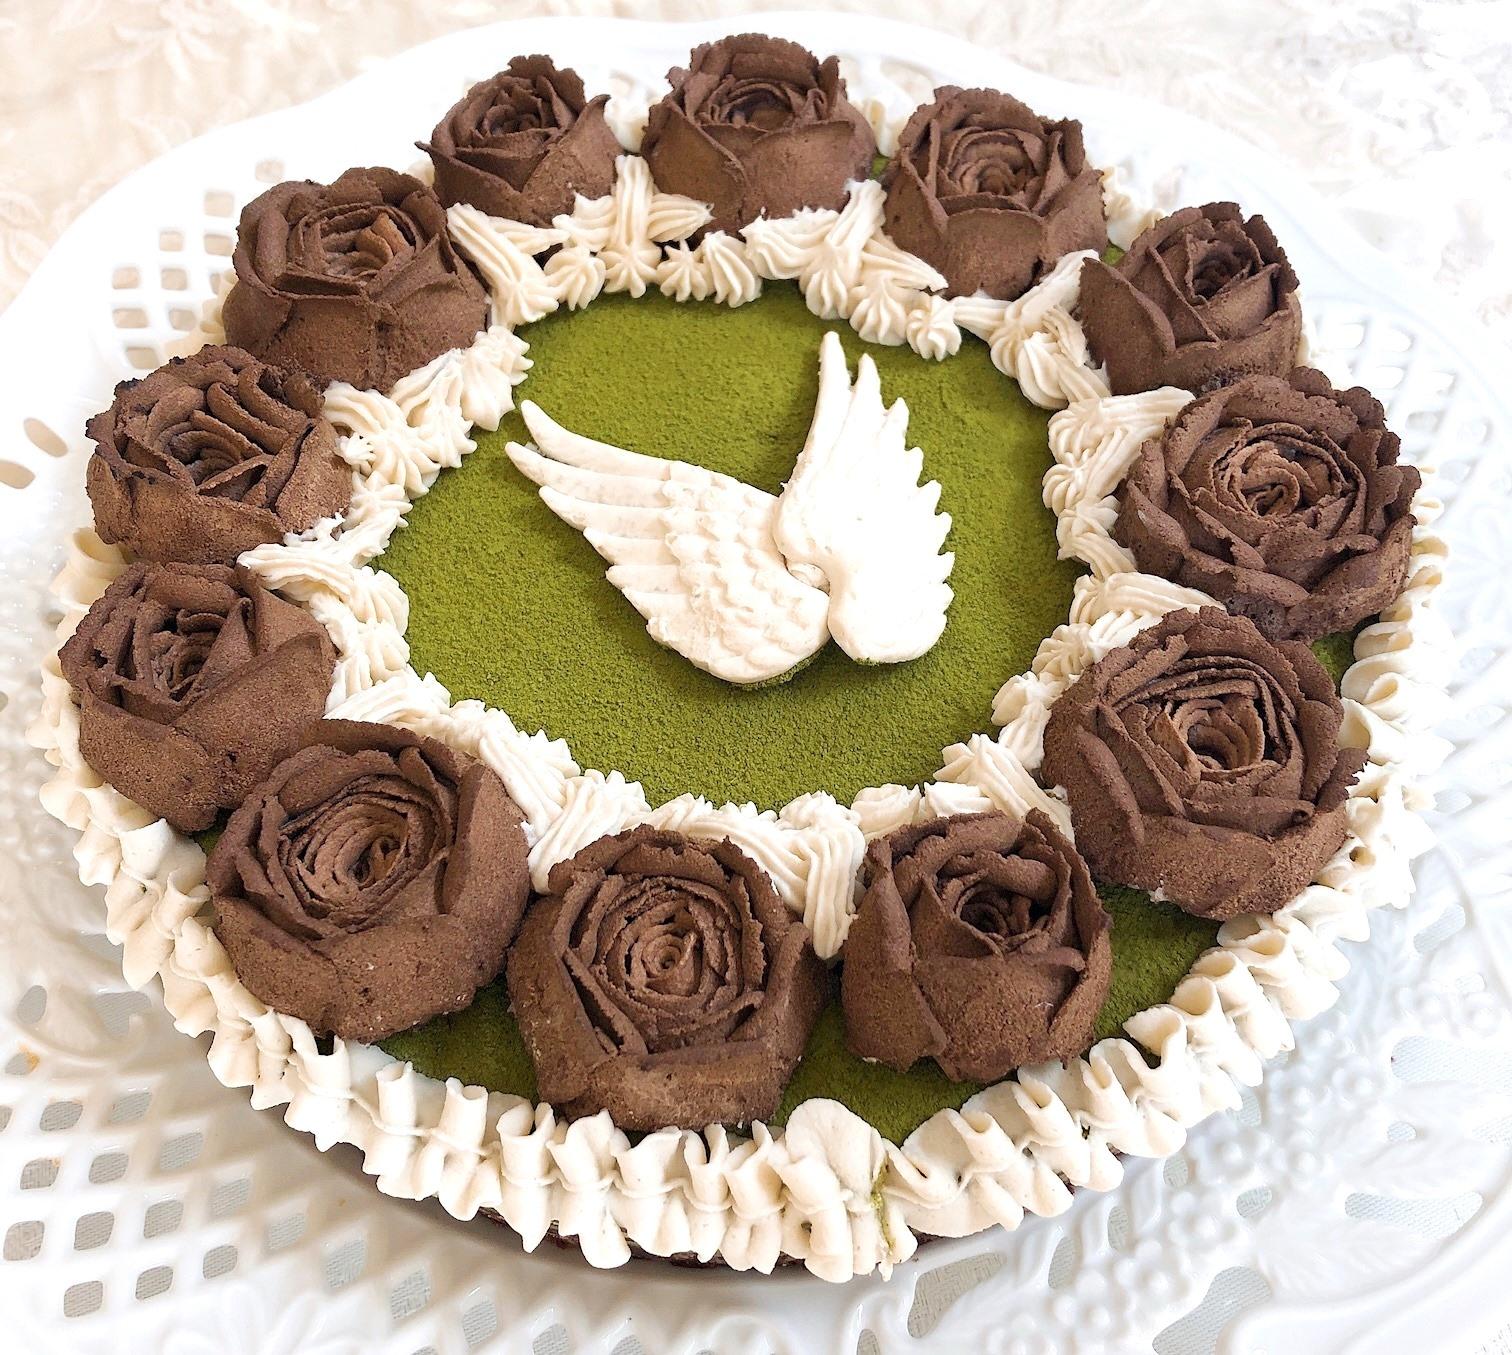 ≪Rawフラワーケーキ≫ 天使の休息 (ピスタチオGreen tea&チョコレート味)18cmホール